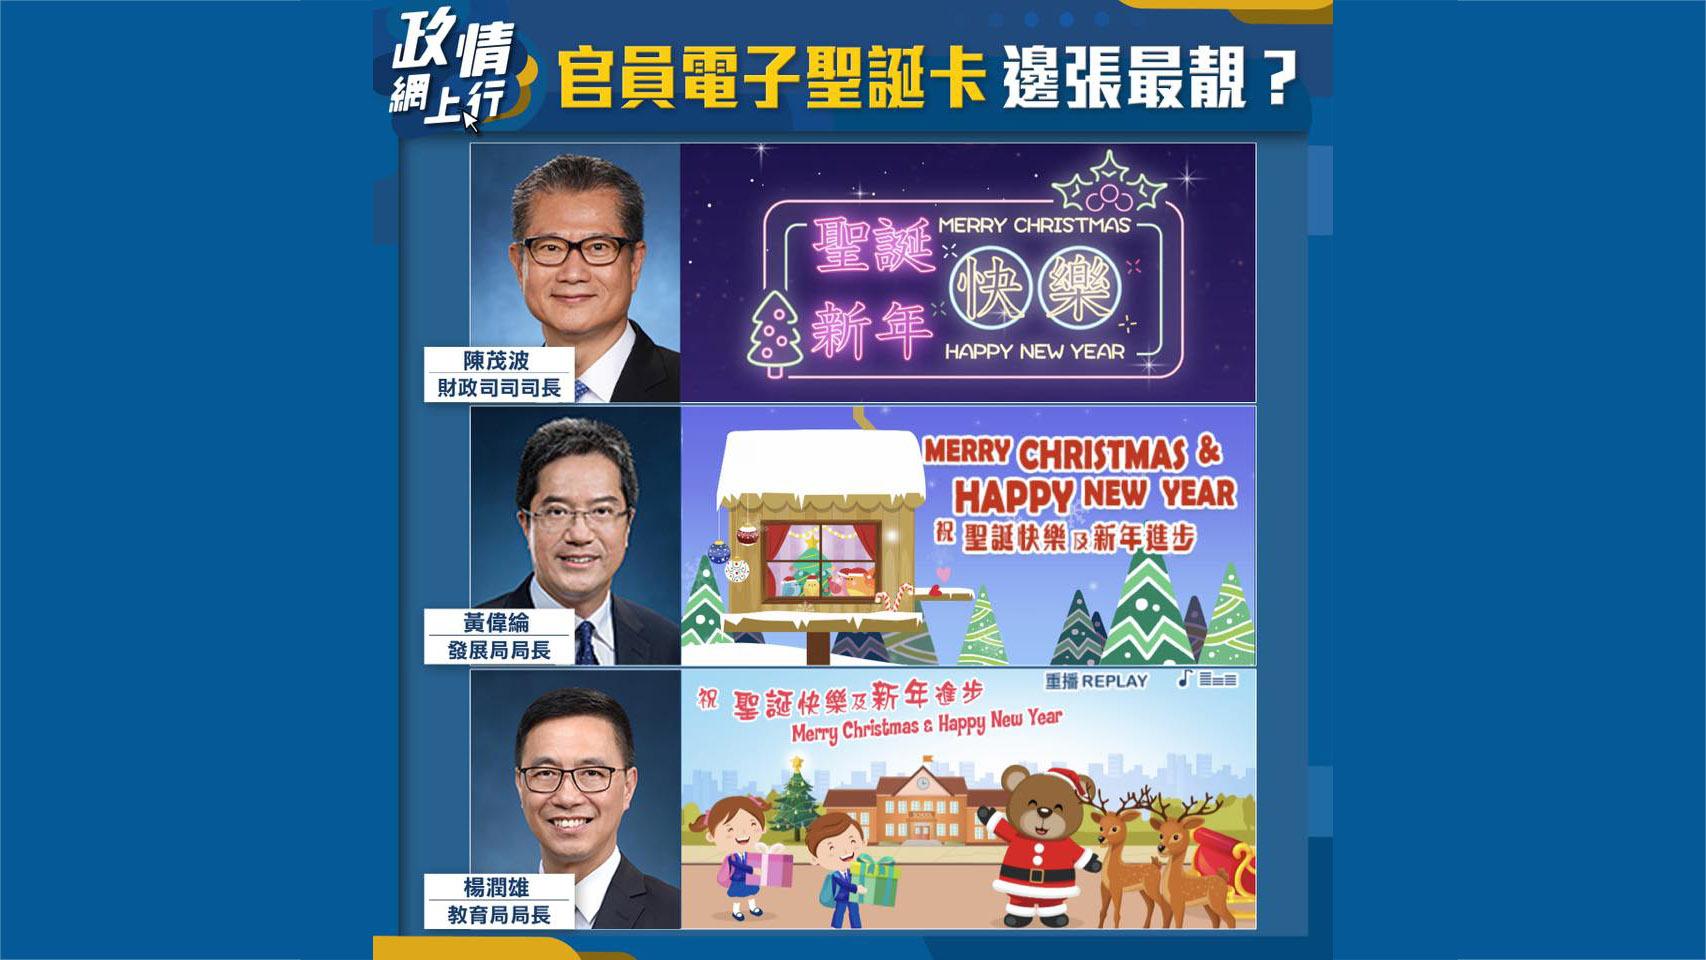 【政情網上行】官員電子聖誕卡 邊張最靚?